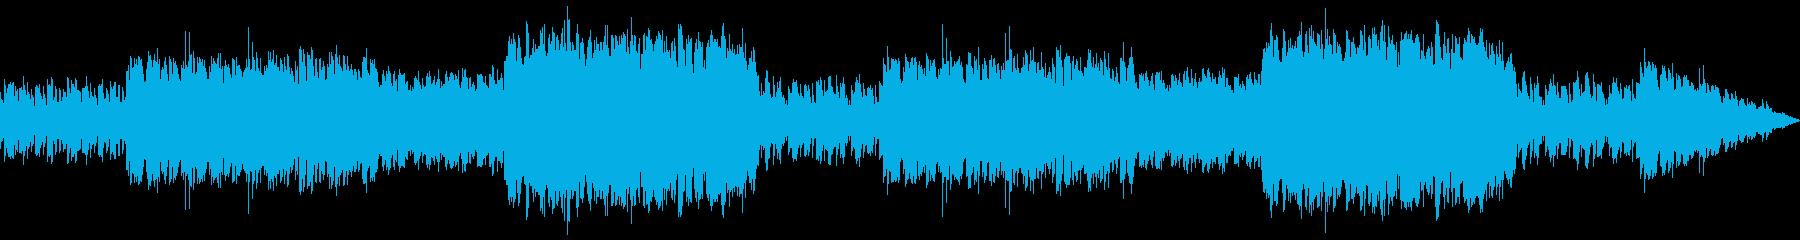 壮大で物静かな雰囲気のBGMの再生済みの波形